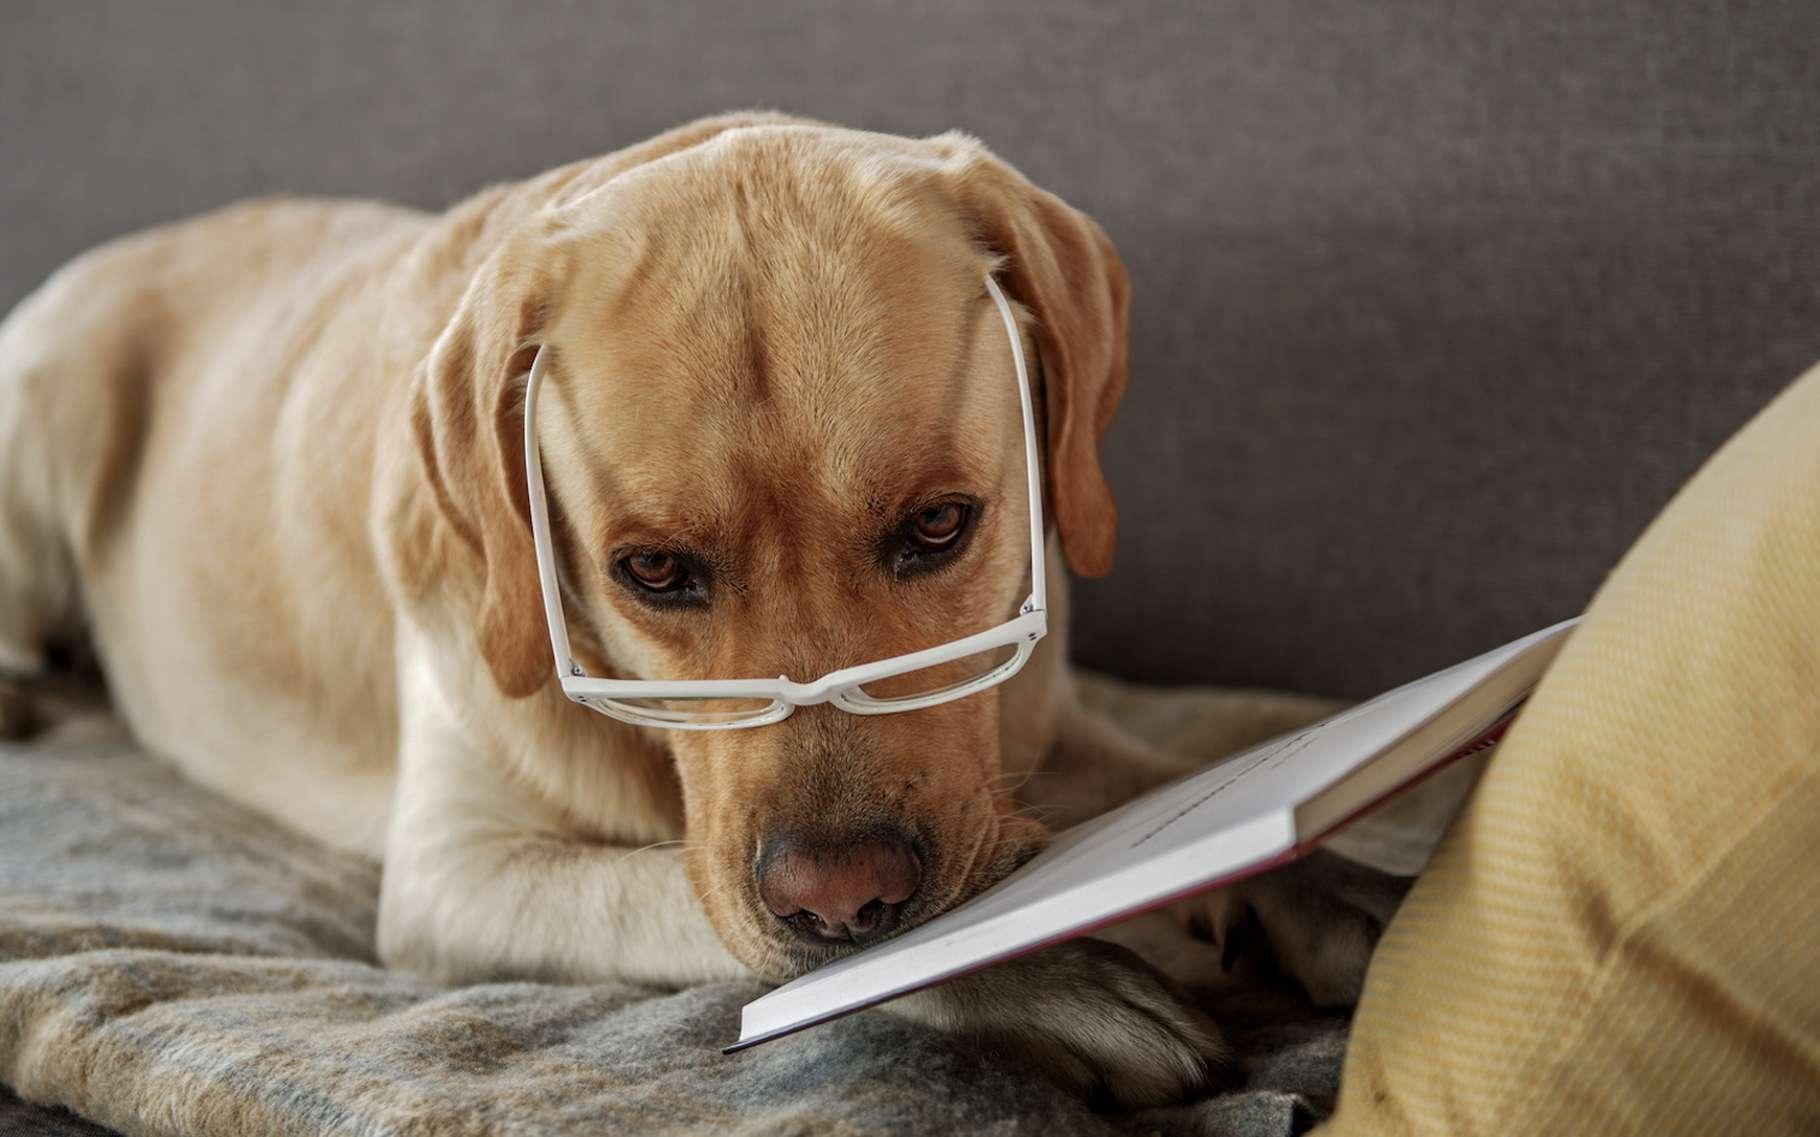 Selon une étude réalisée par des chercheurs américains, le chien serait plus intelligent que le chat. © YakobchukOlena, Fotolia